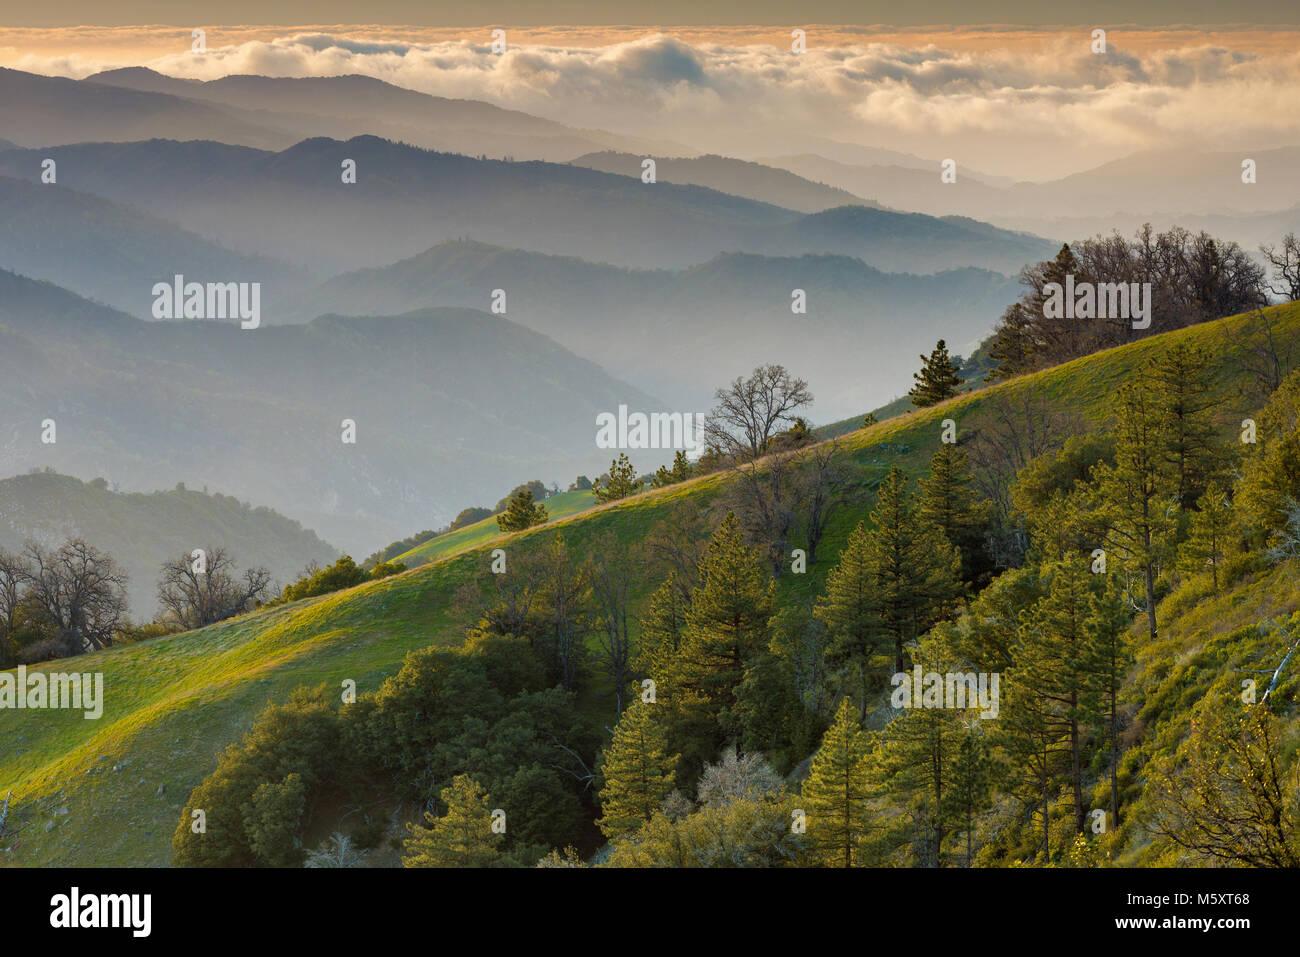 La última luz, Ventana desierto, los Padres National Forest, Big Sur, el Condado de Monterey, California Imagen De Stock